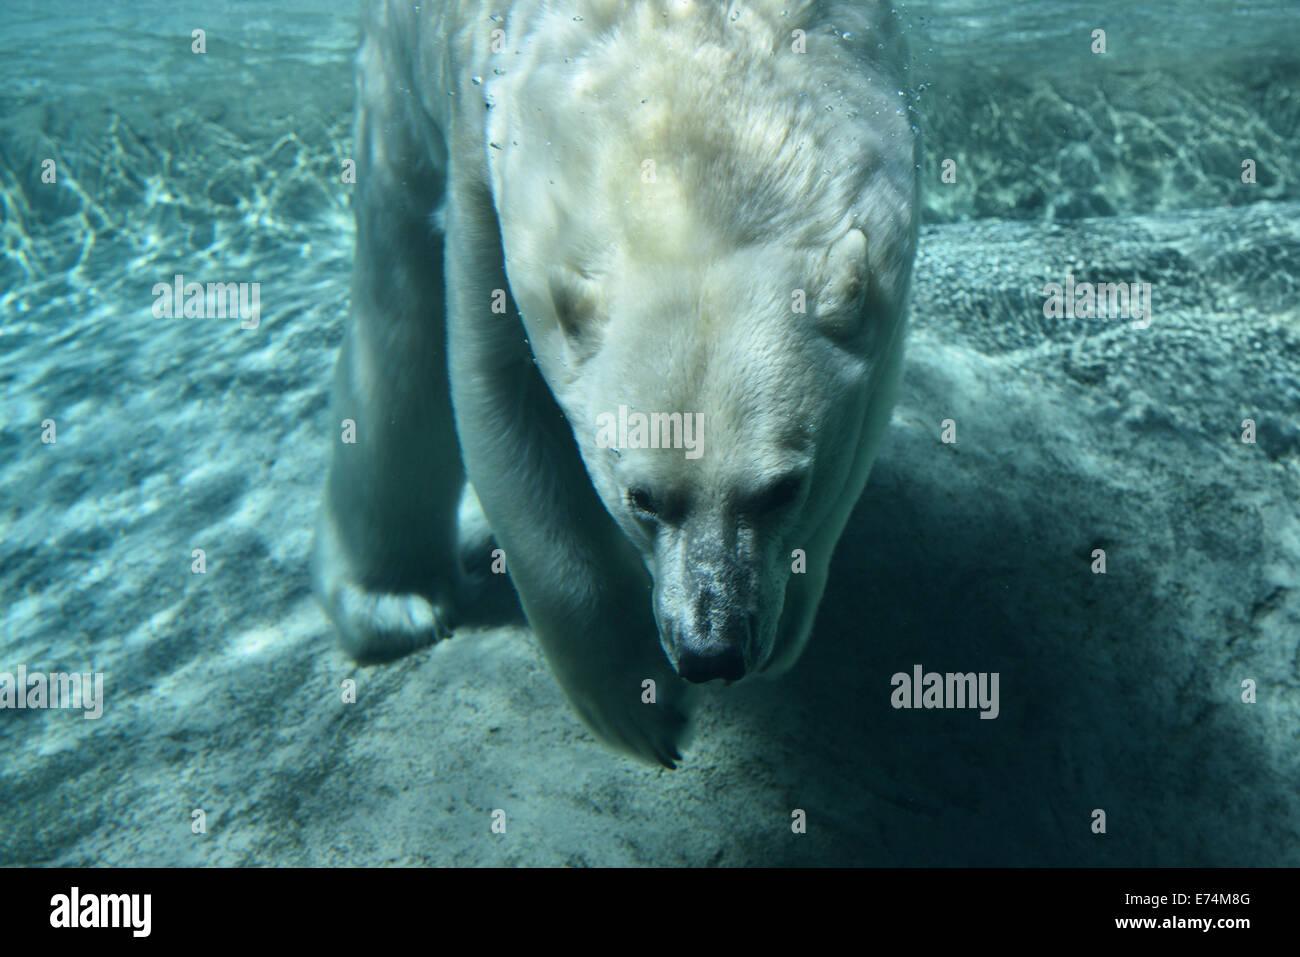 Oso polar buceo sosteniendo la respiración bajo el agua en la piscina azul del zoo de Toronto. Imagen De Stock